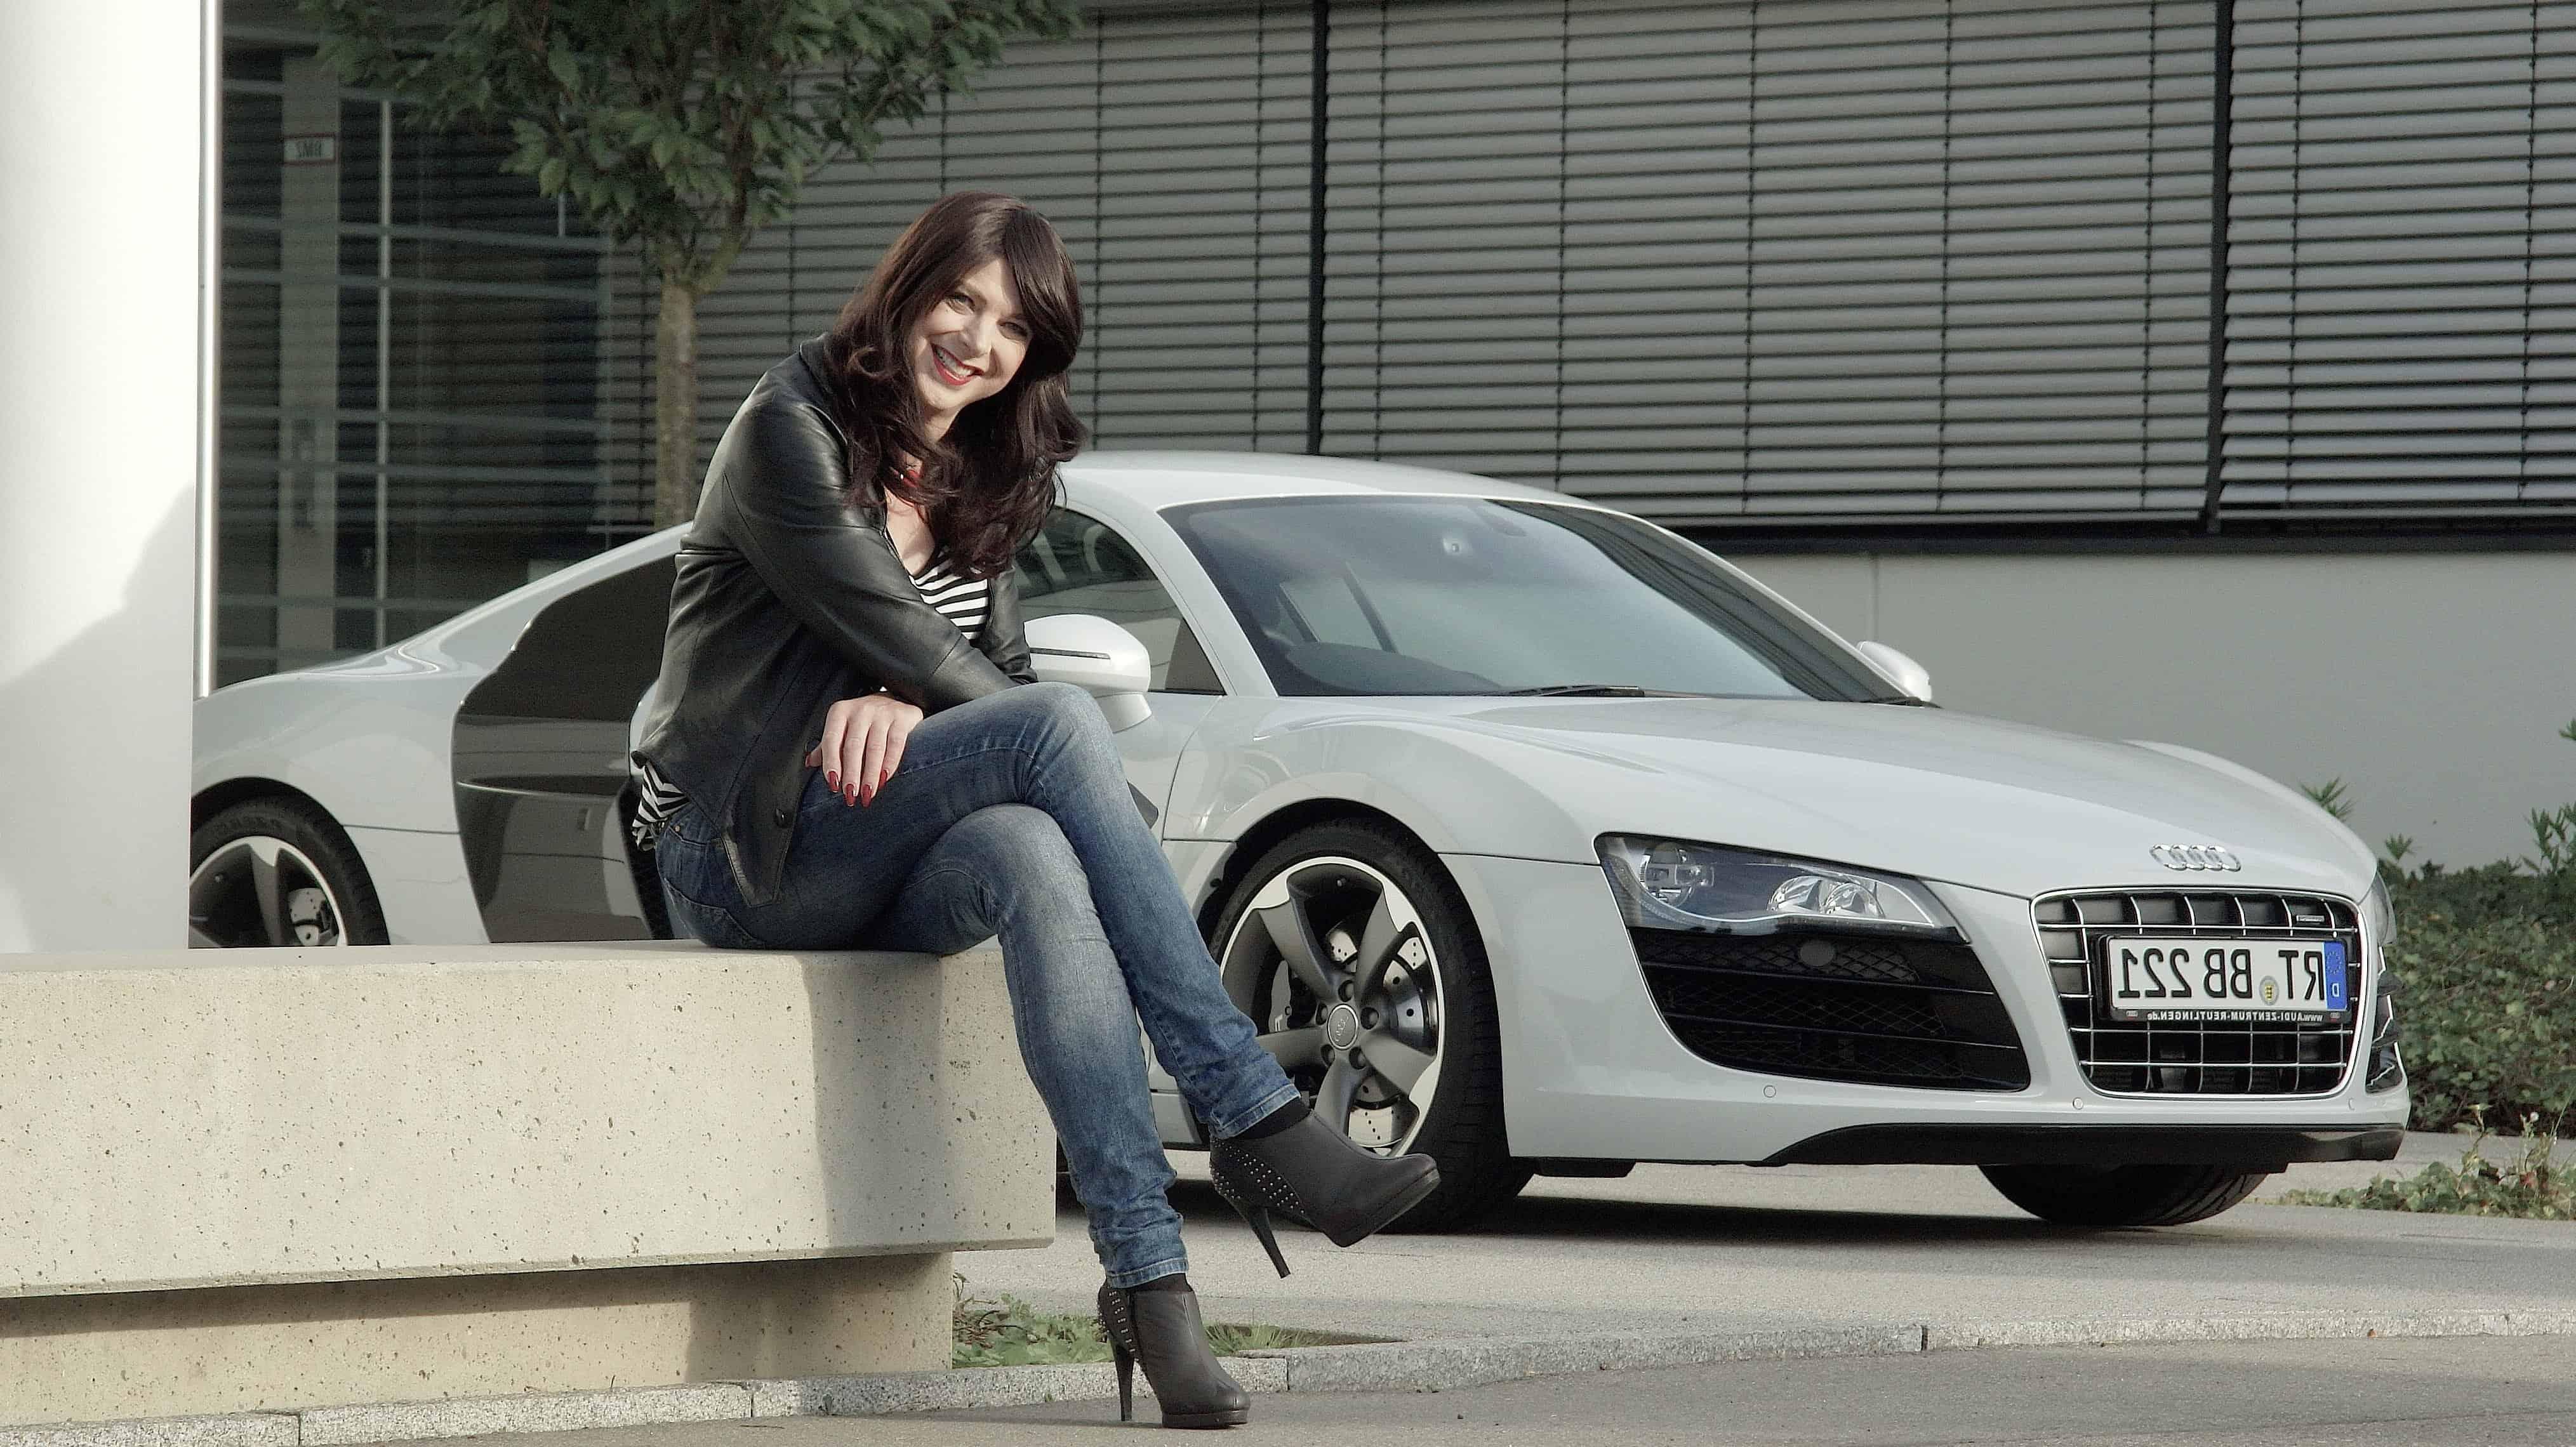 Imagen gratis: Retrato, coche, mujer, personas, sedan ...